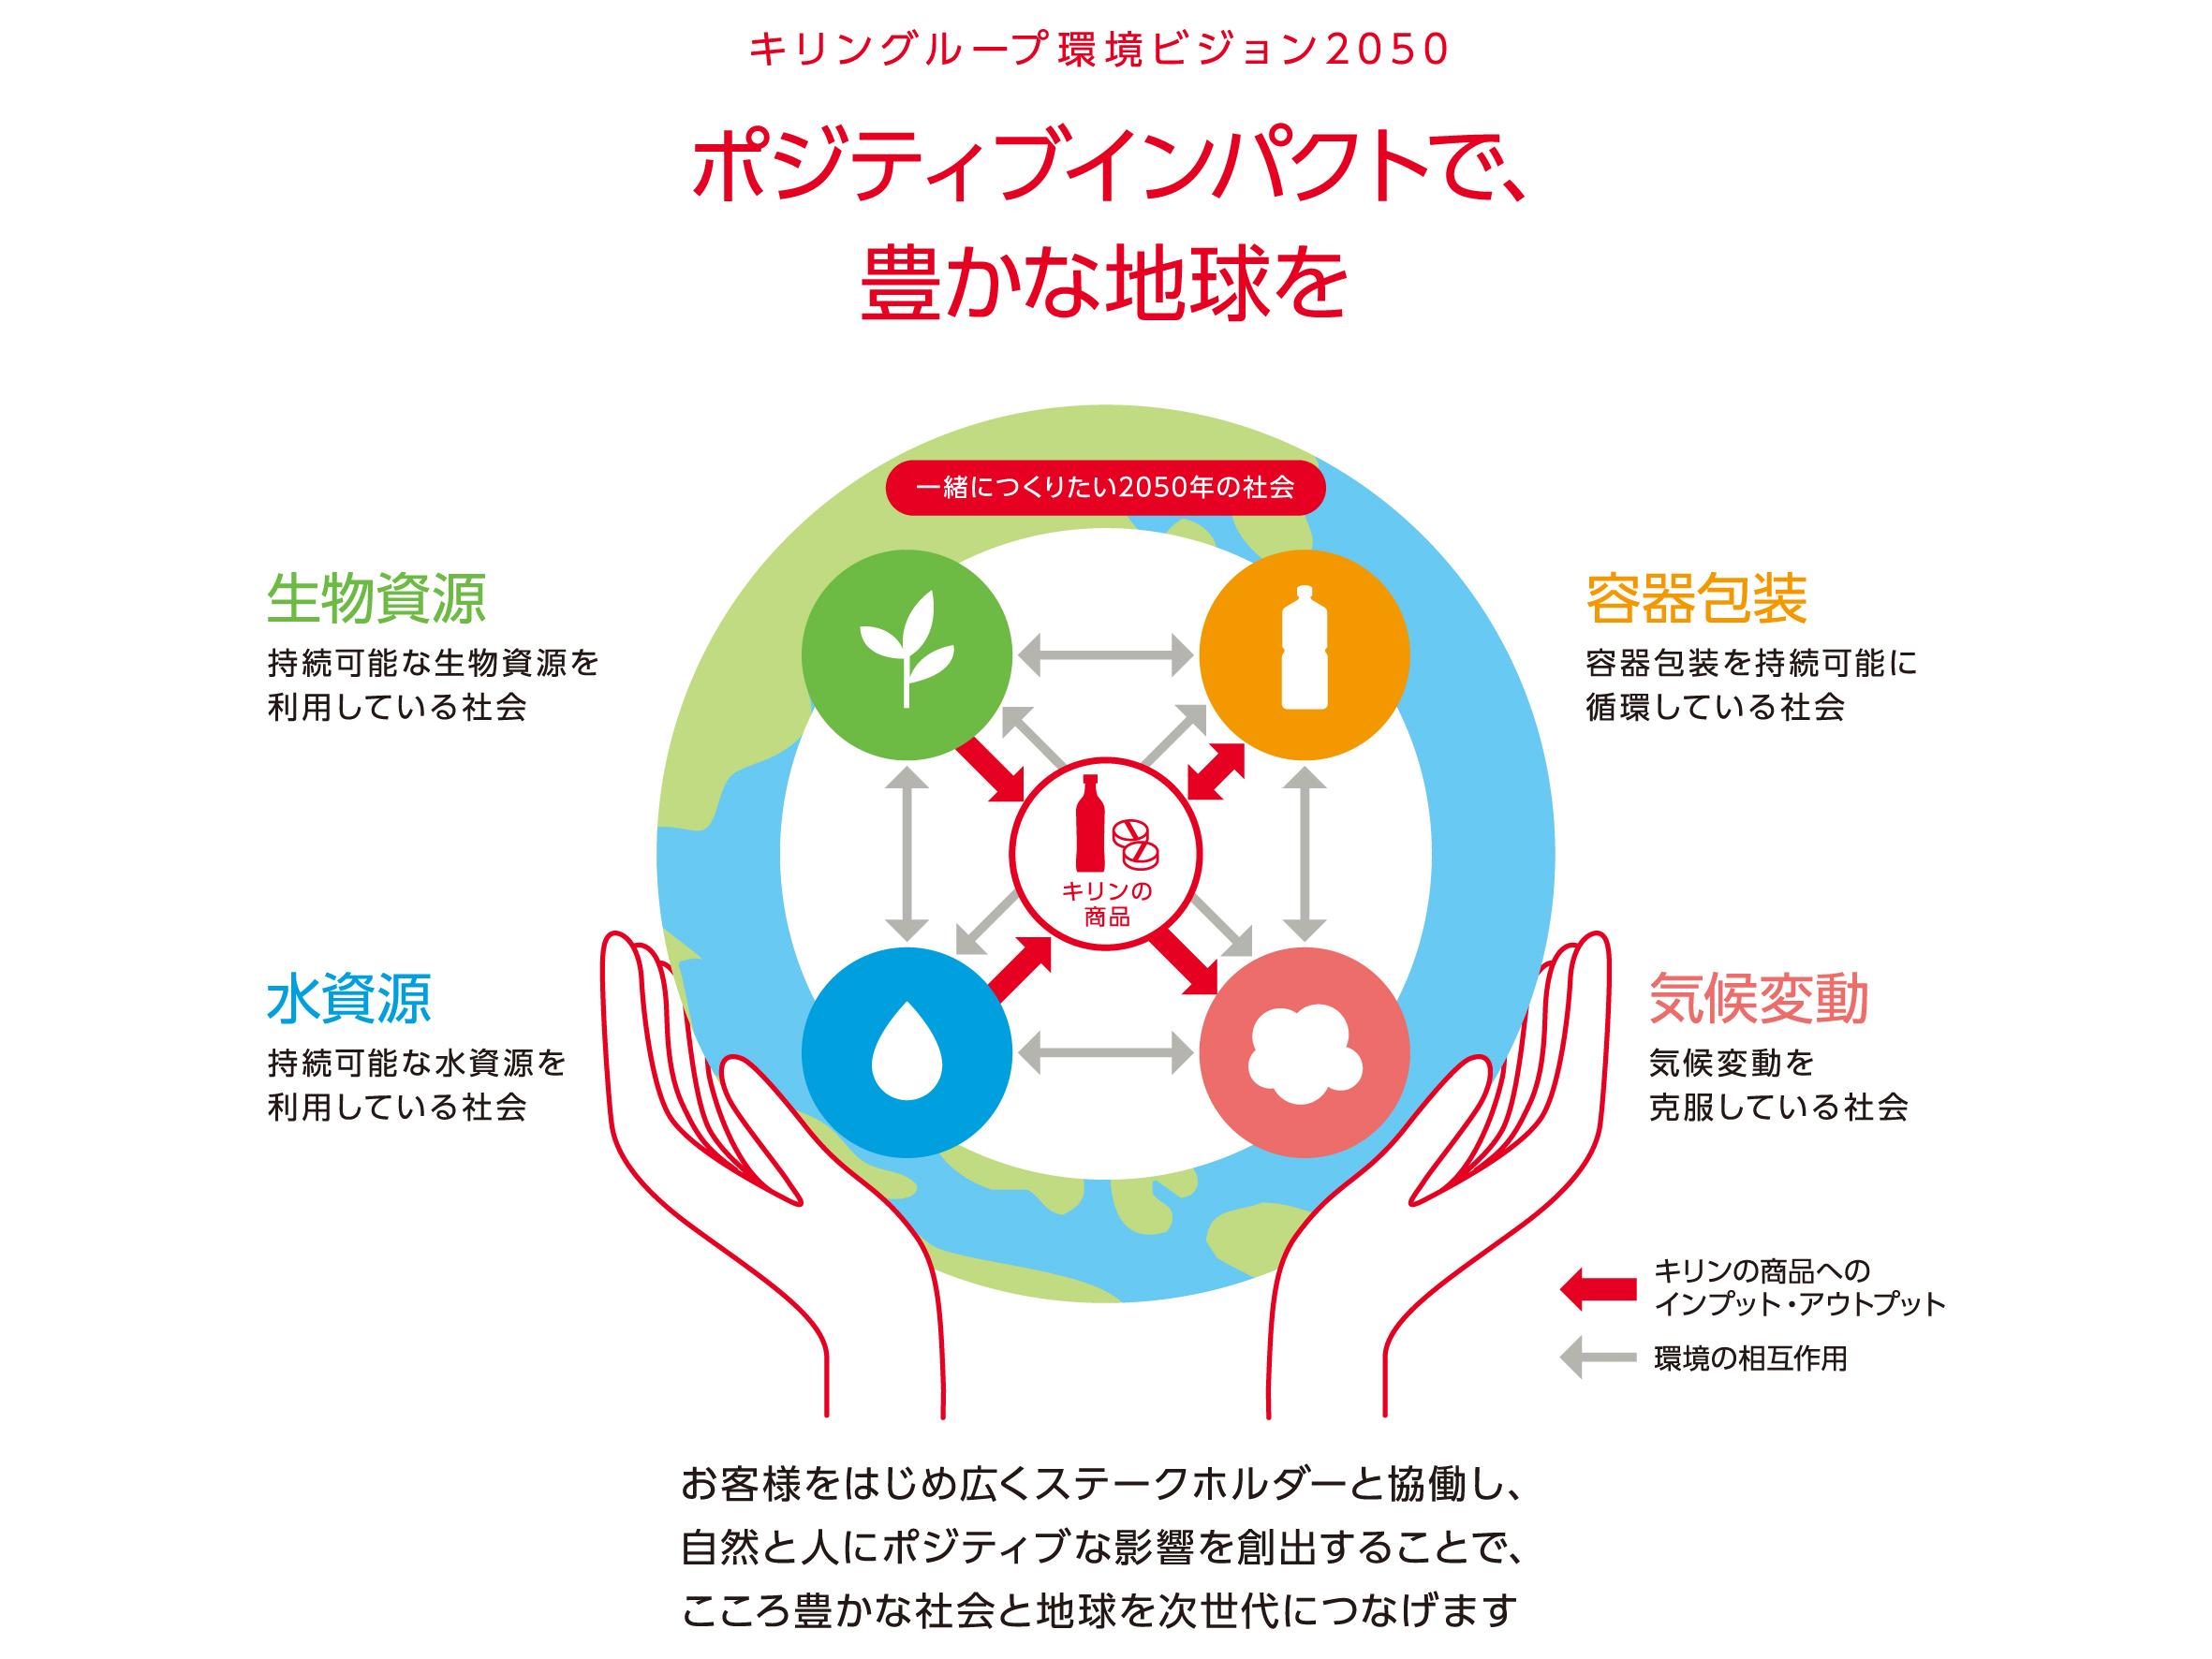 キリングループ環境ビジョン20500(2020年2月発表)